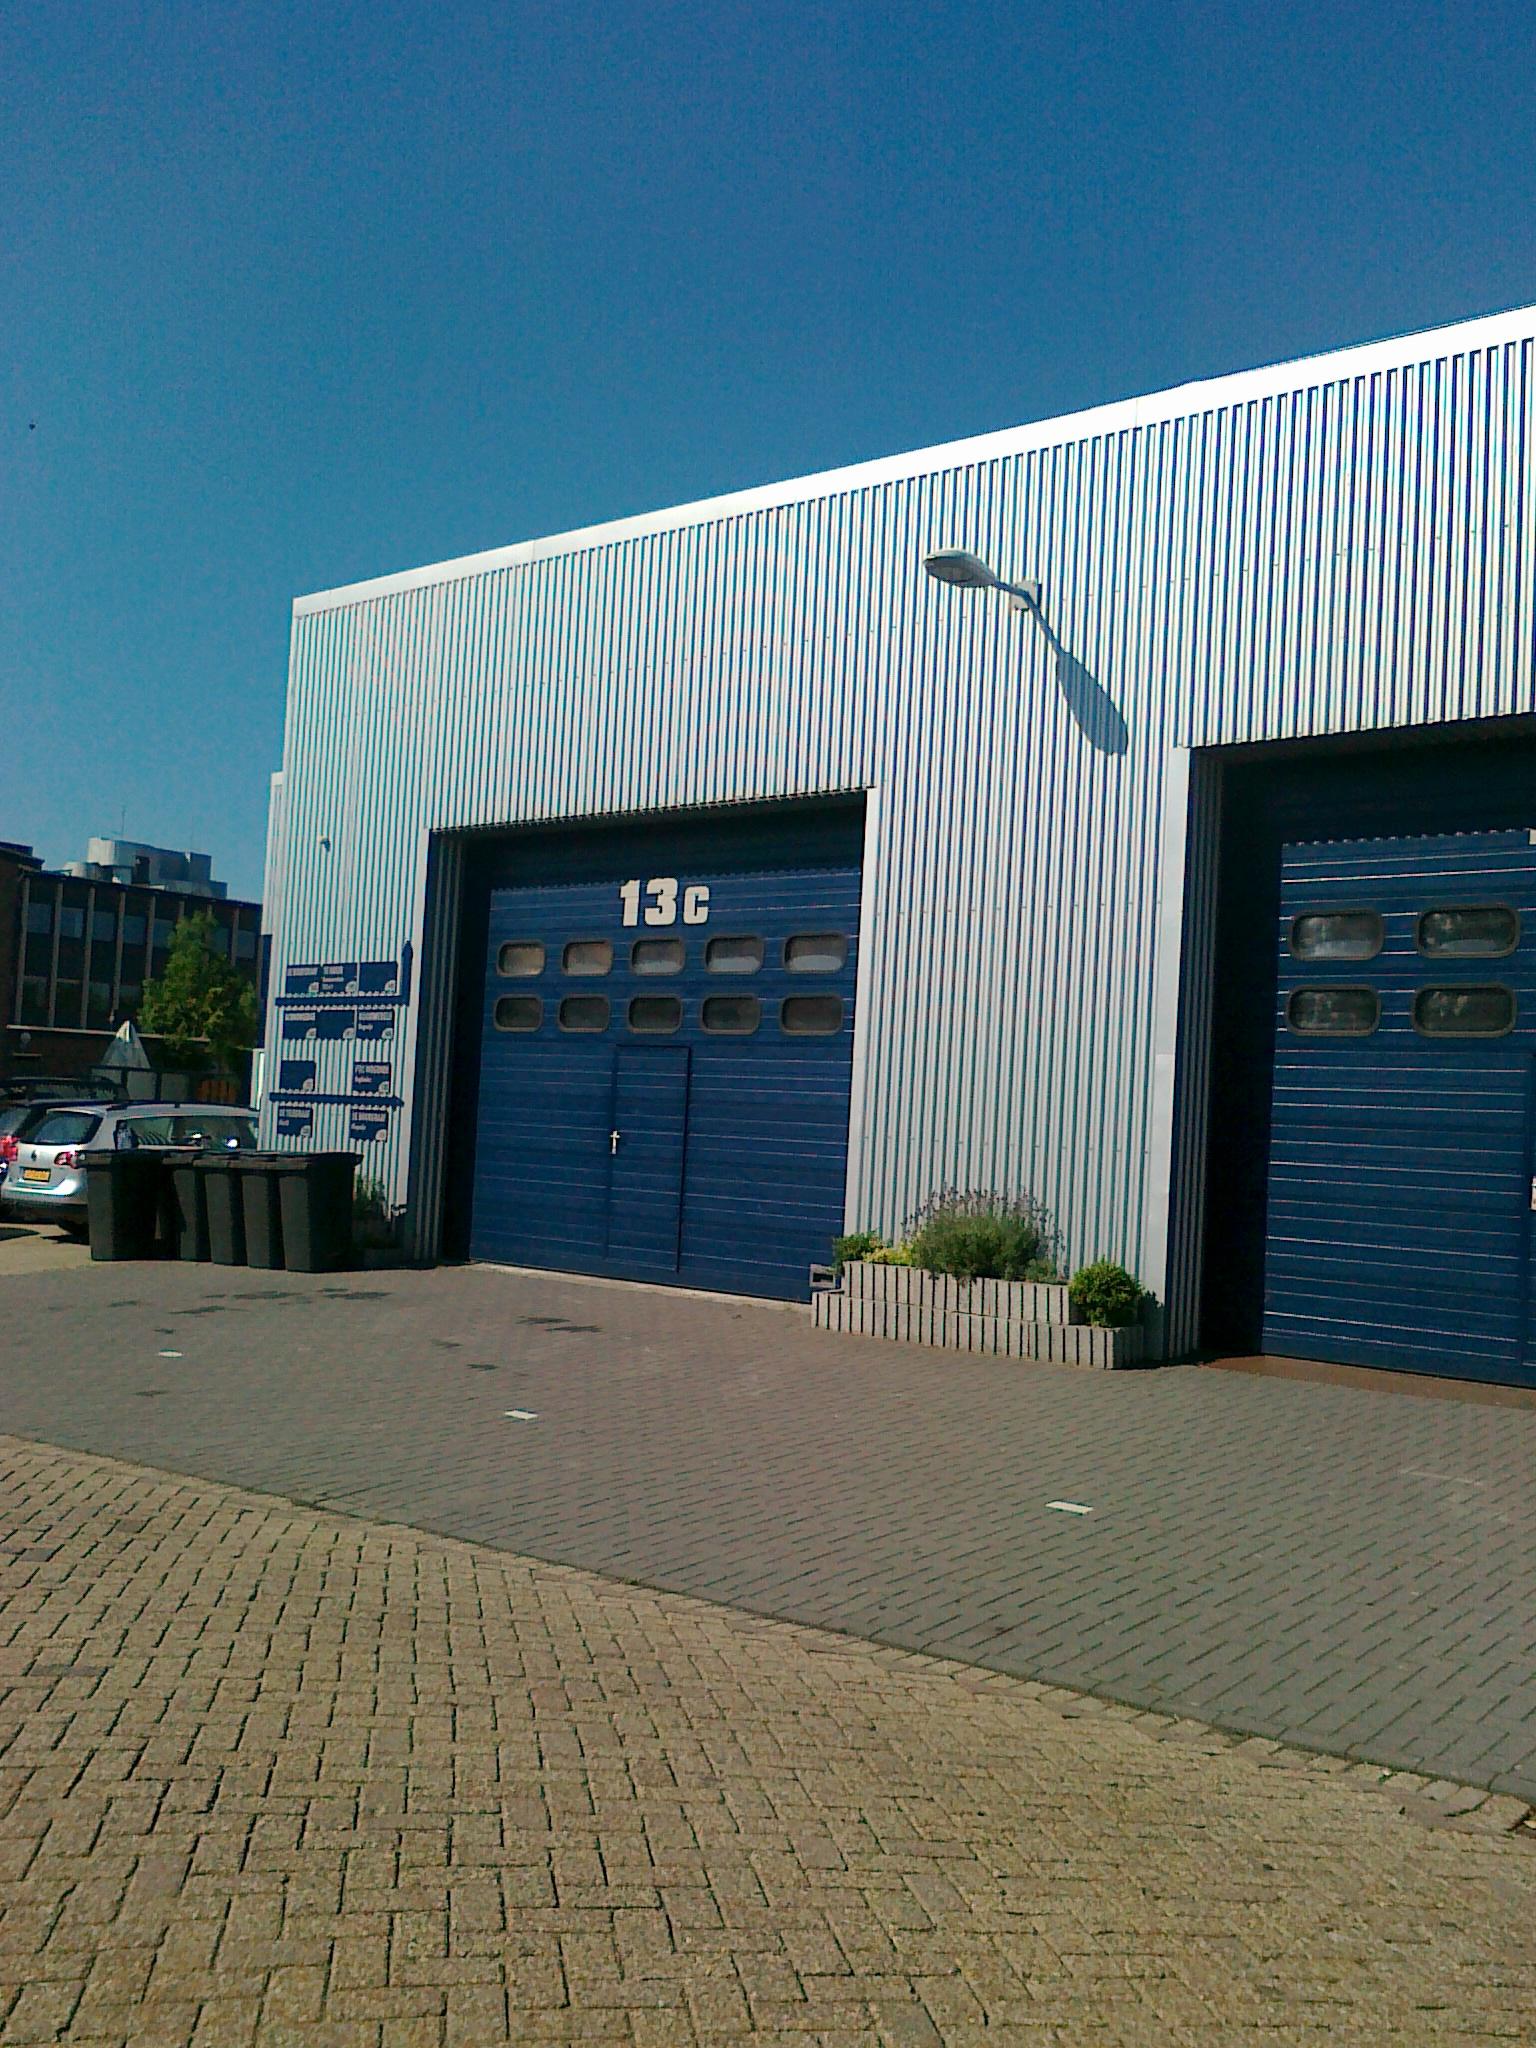 Bedrijfsruimte Goes Dr.A.F.Philipsstraat 13c